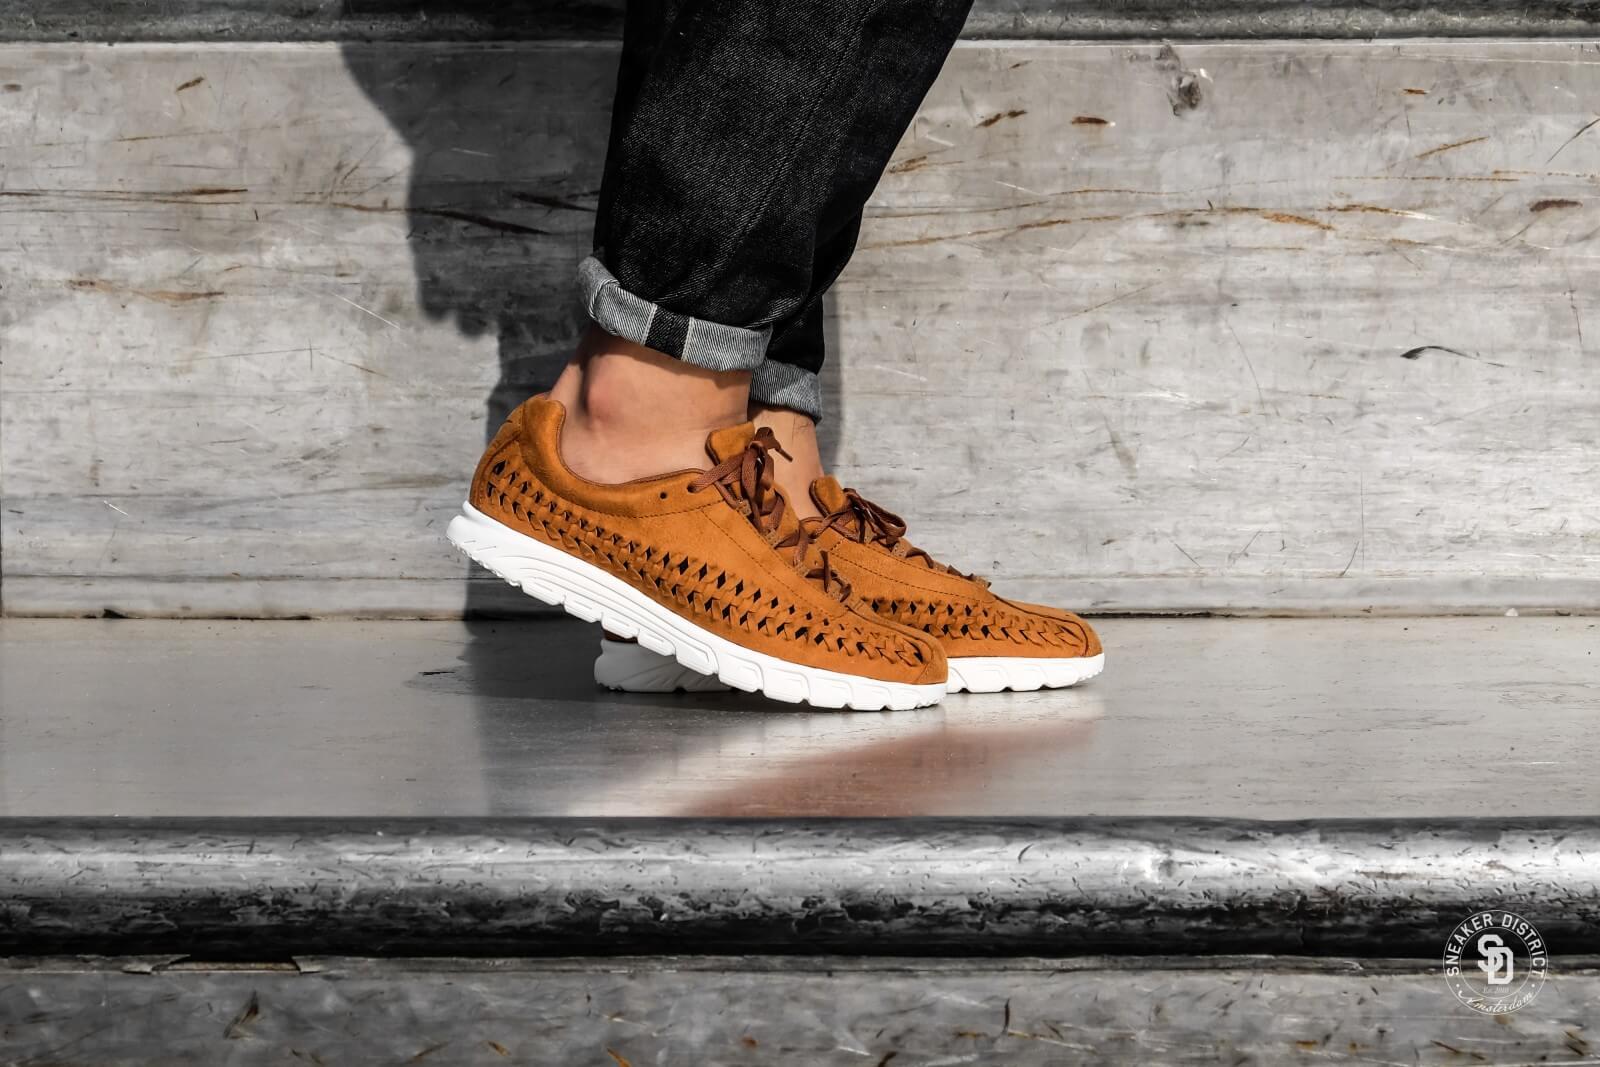 Nike Mayfly Woven Ale Brown/Sail